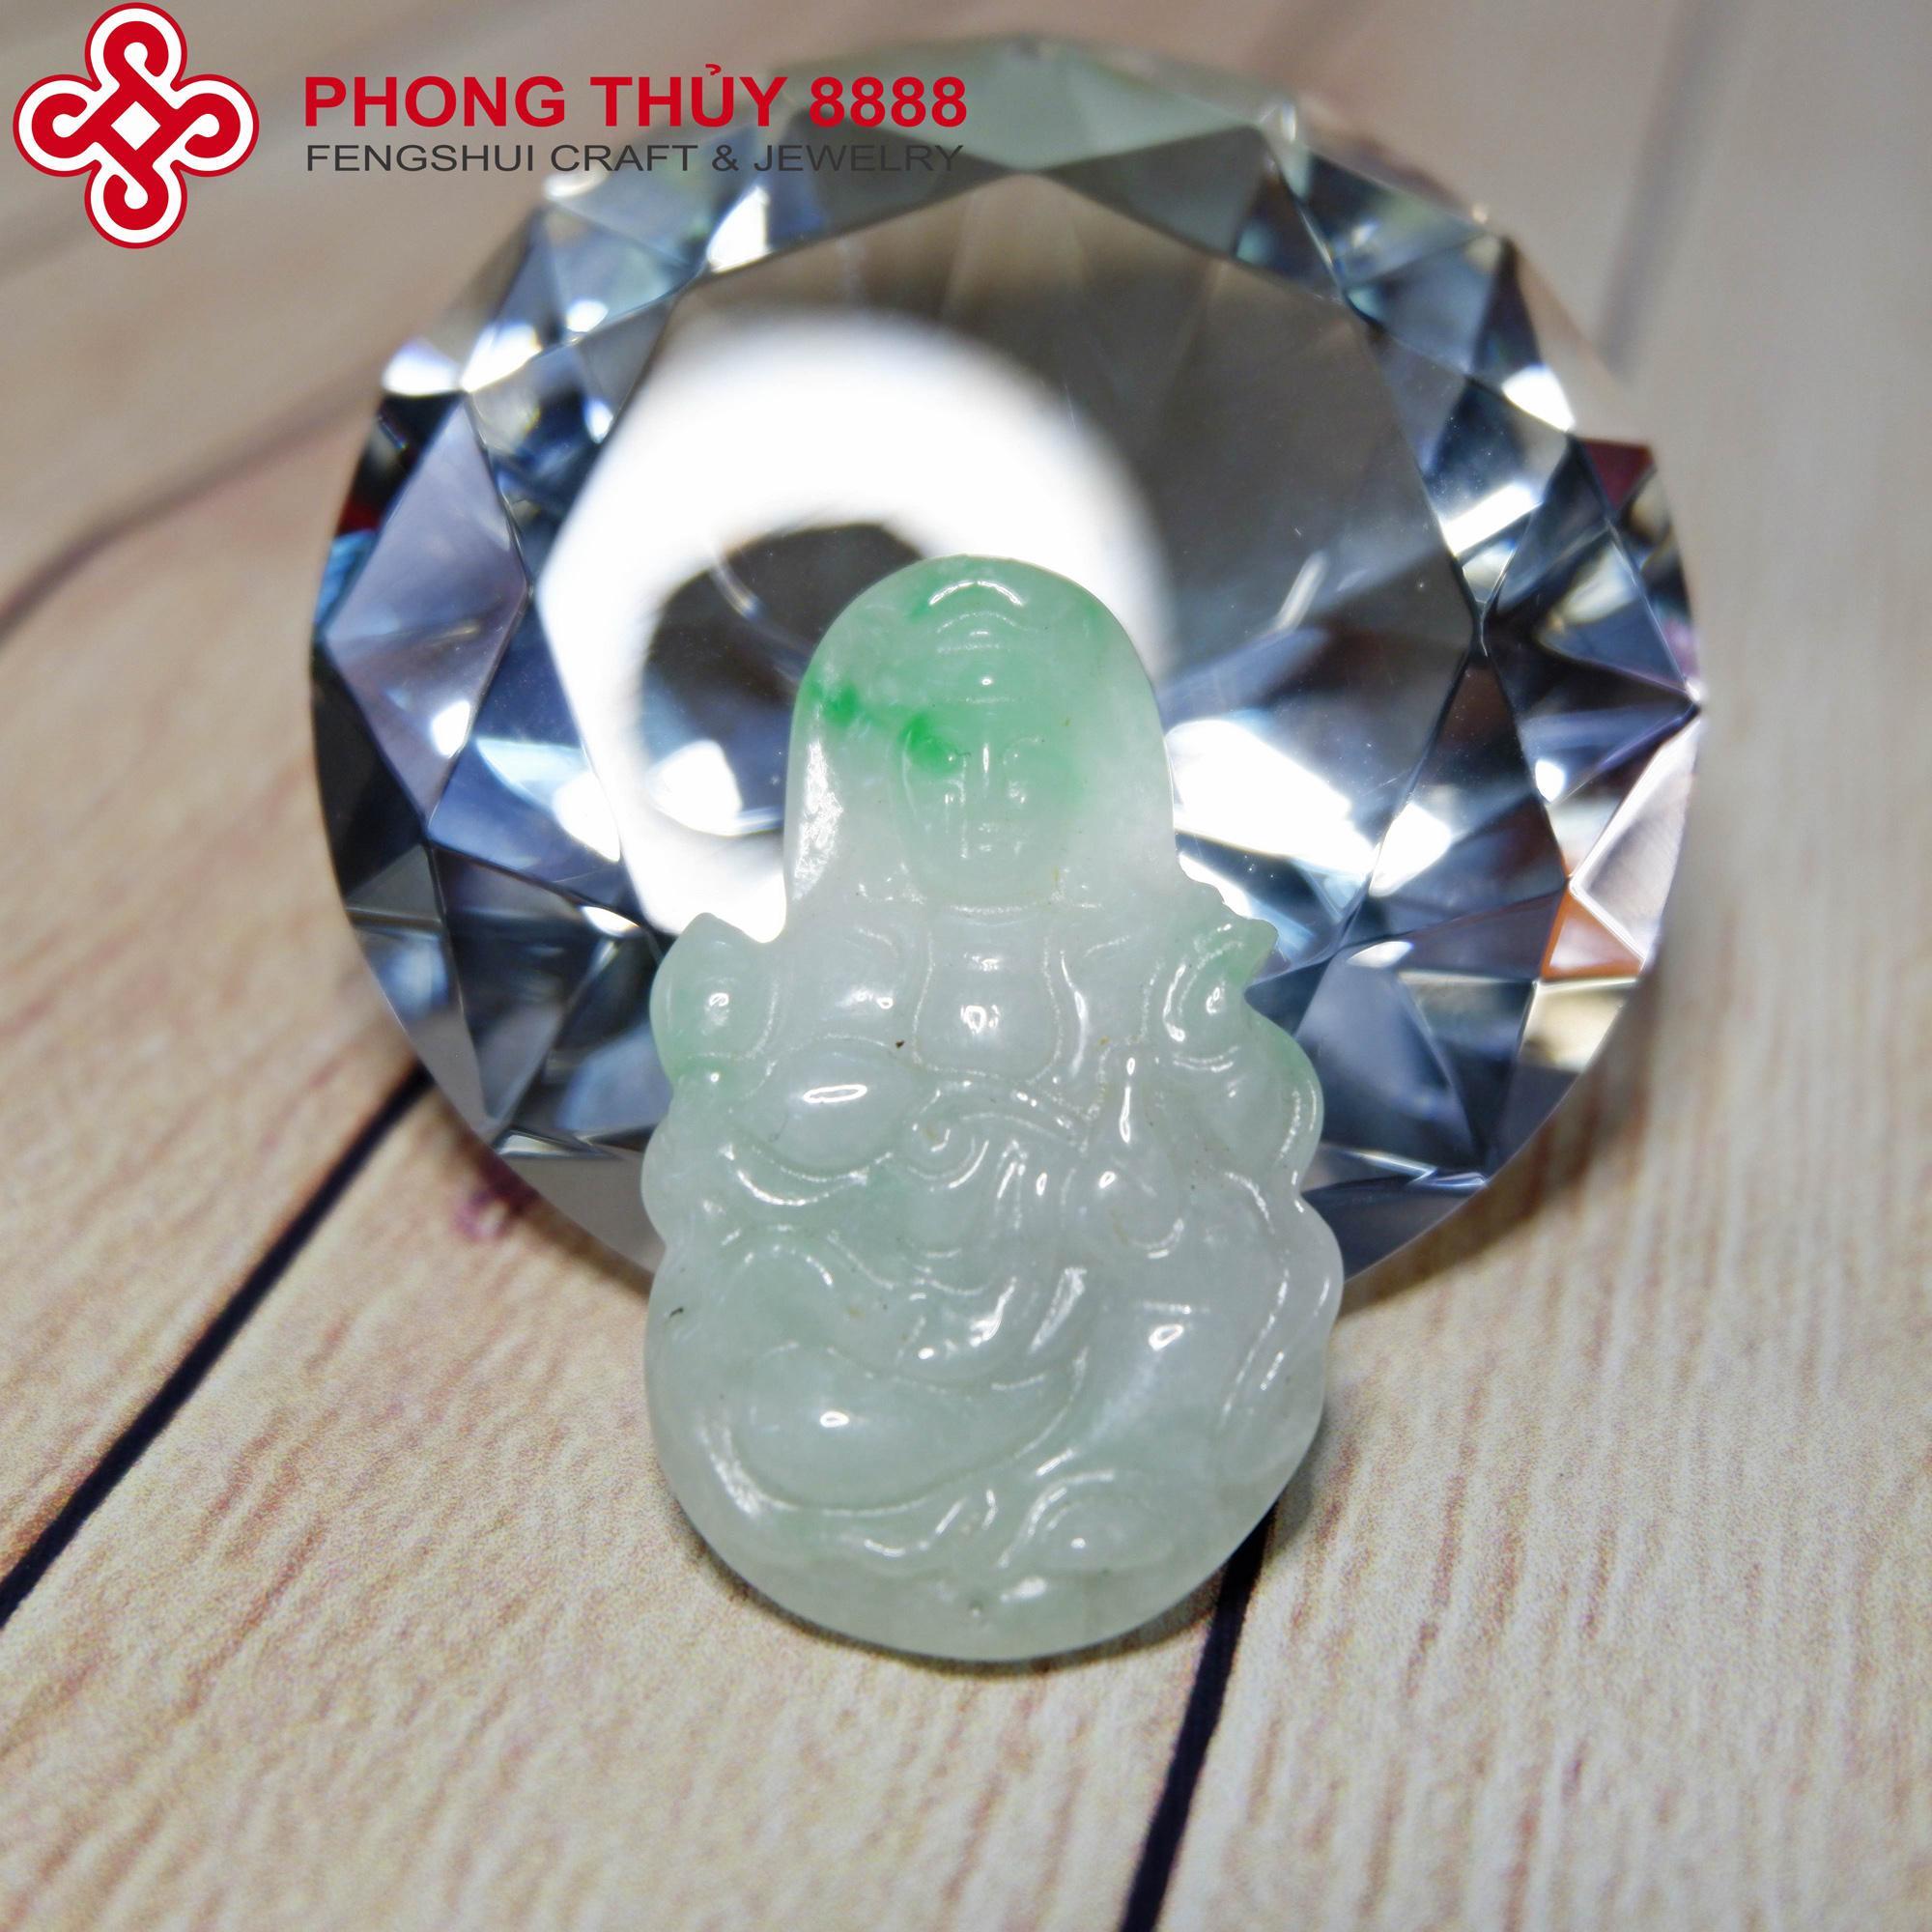 Mặt dây Phật bà Quan Âm ngọc phỉ thúy tự nhiên- 8888